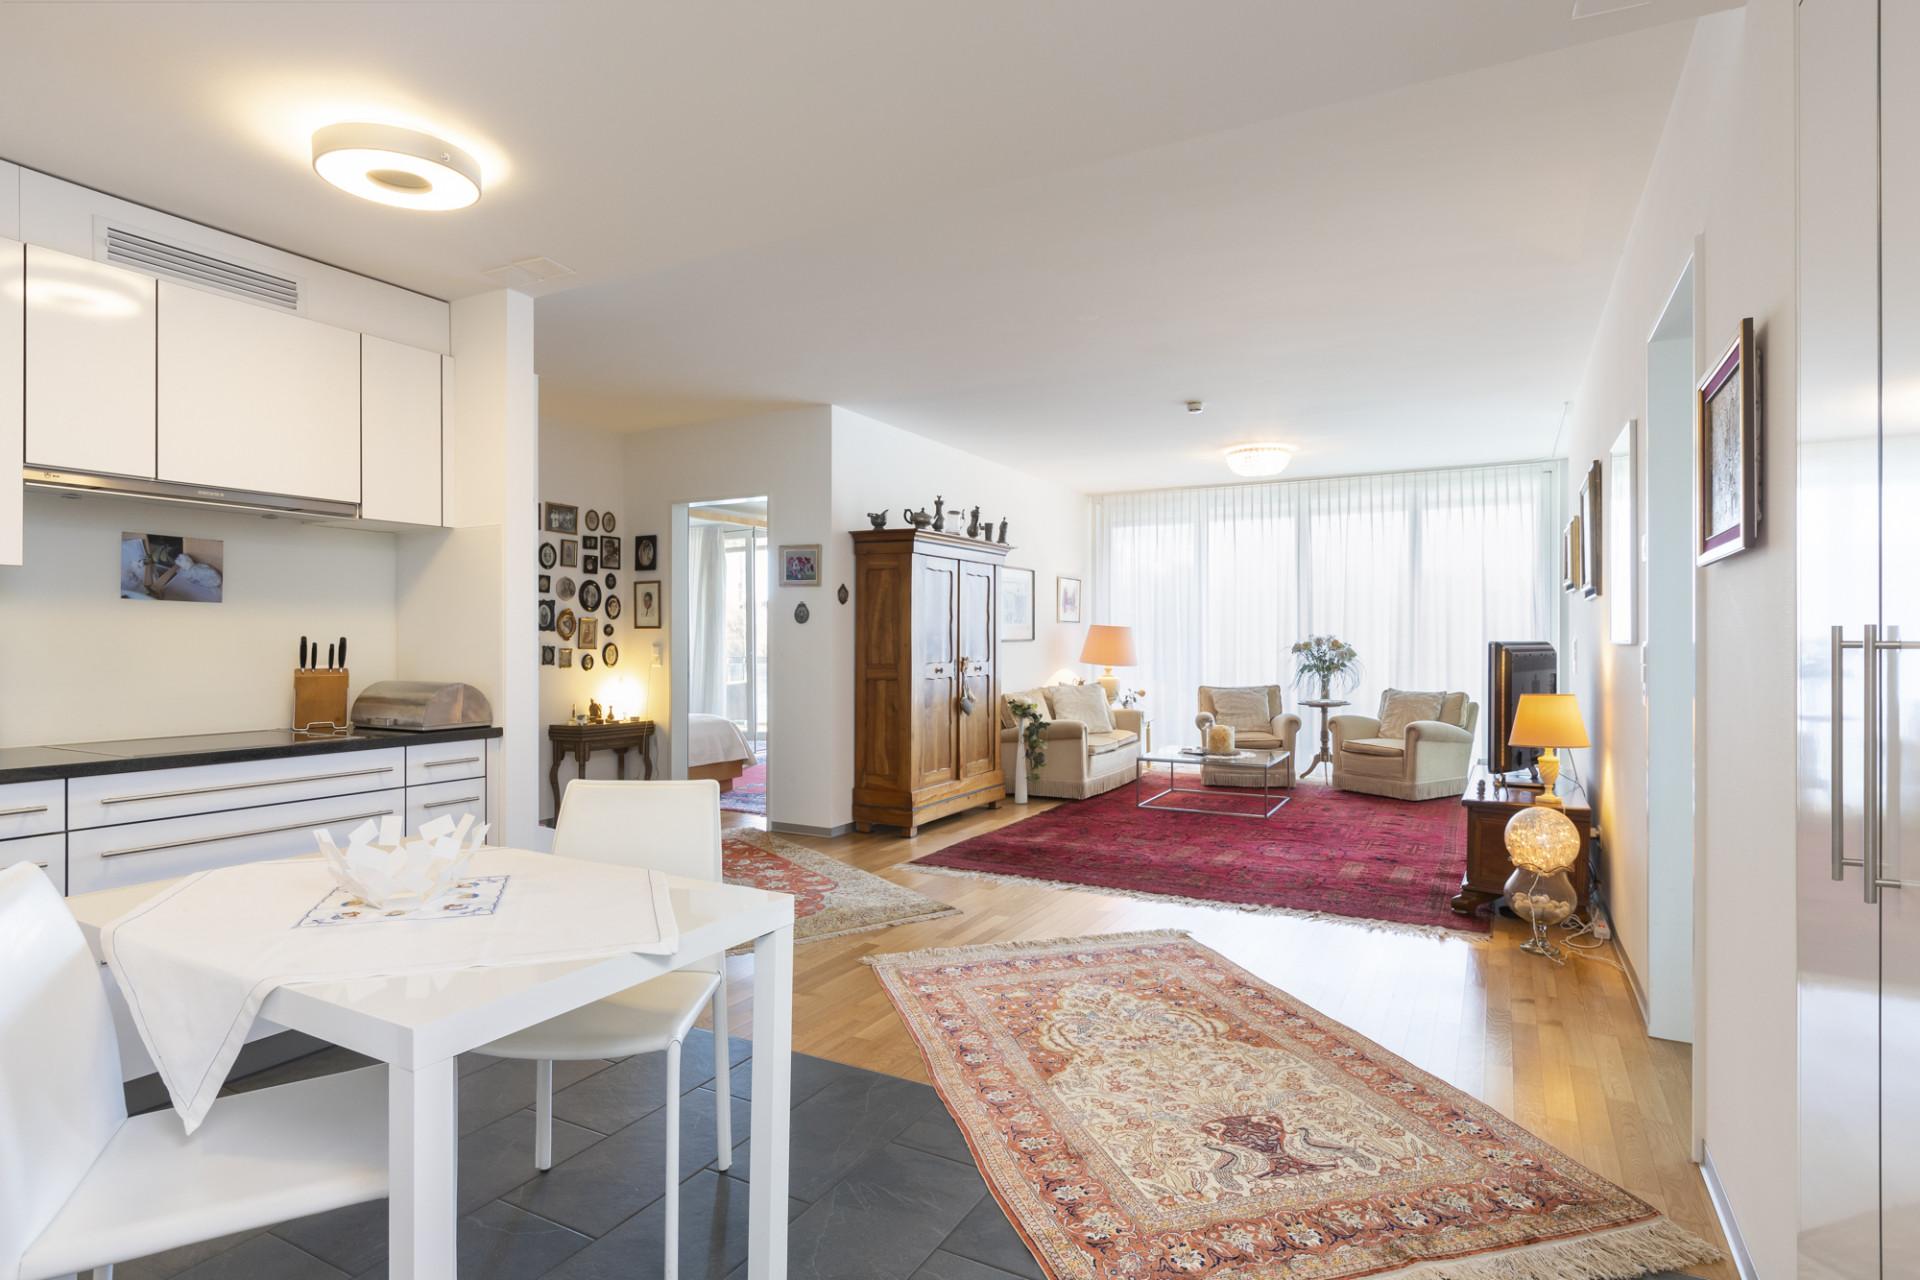 Küche und Wohnzimmer einer bewohnten Residenz im Neubau